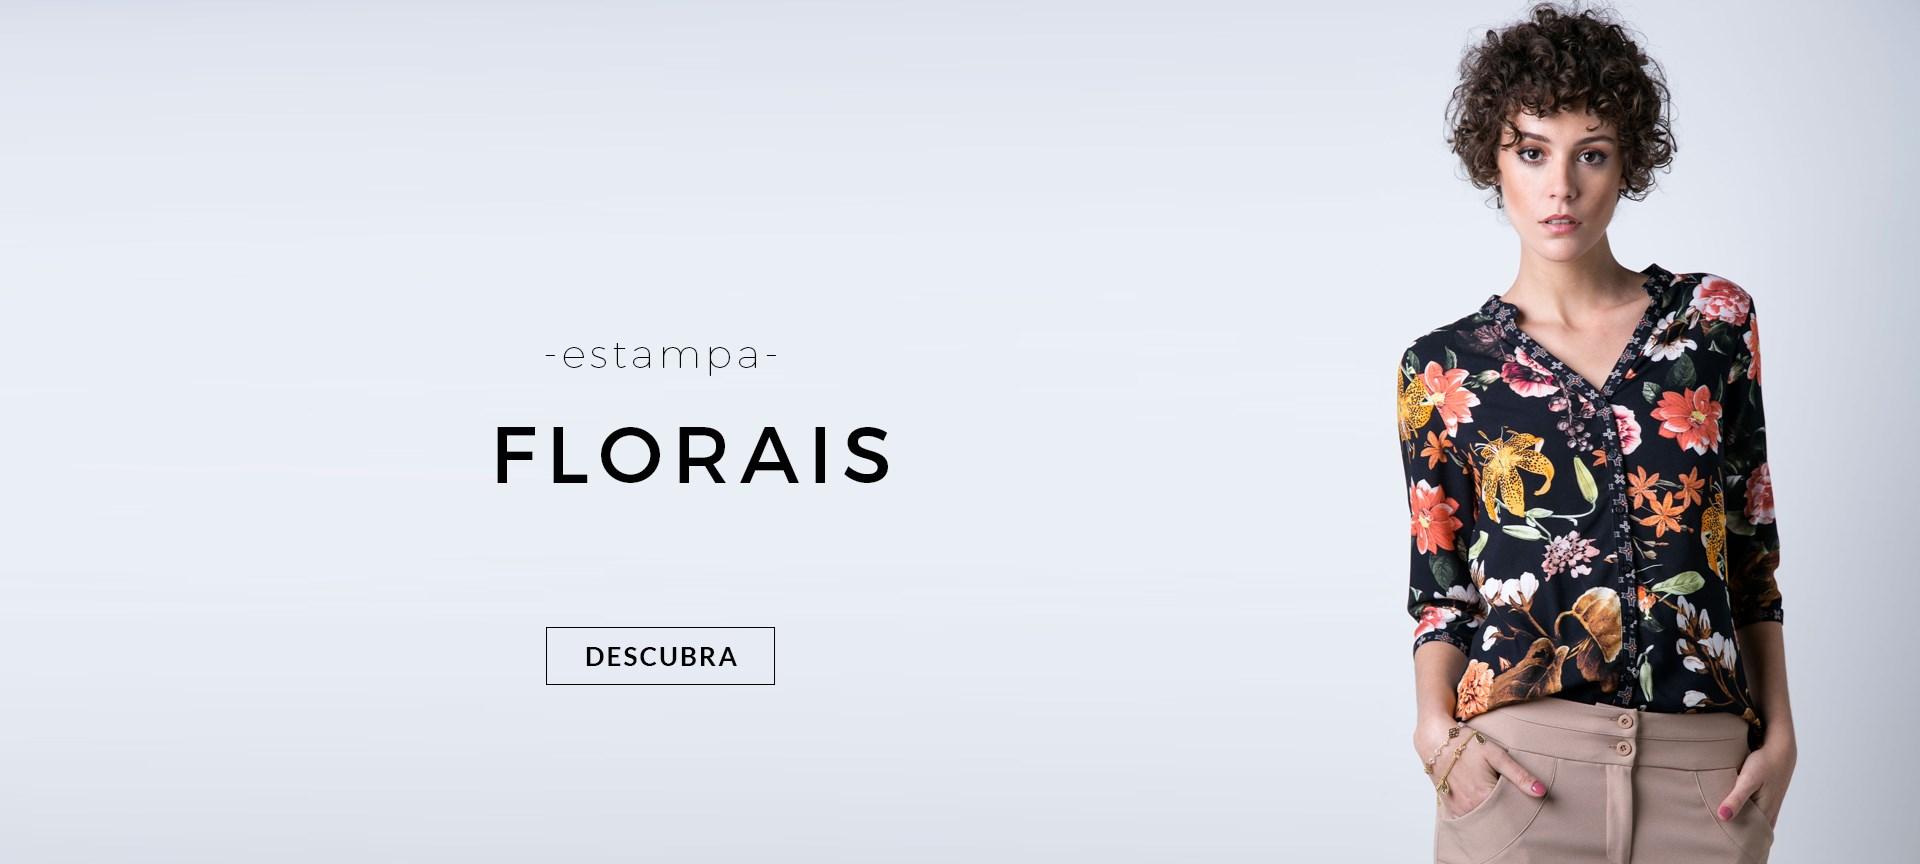 Florais | Ervadoce